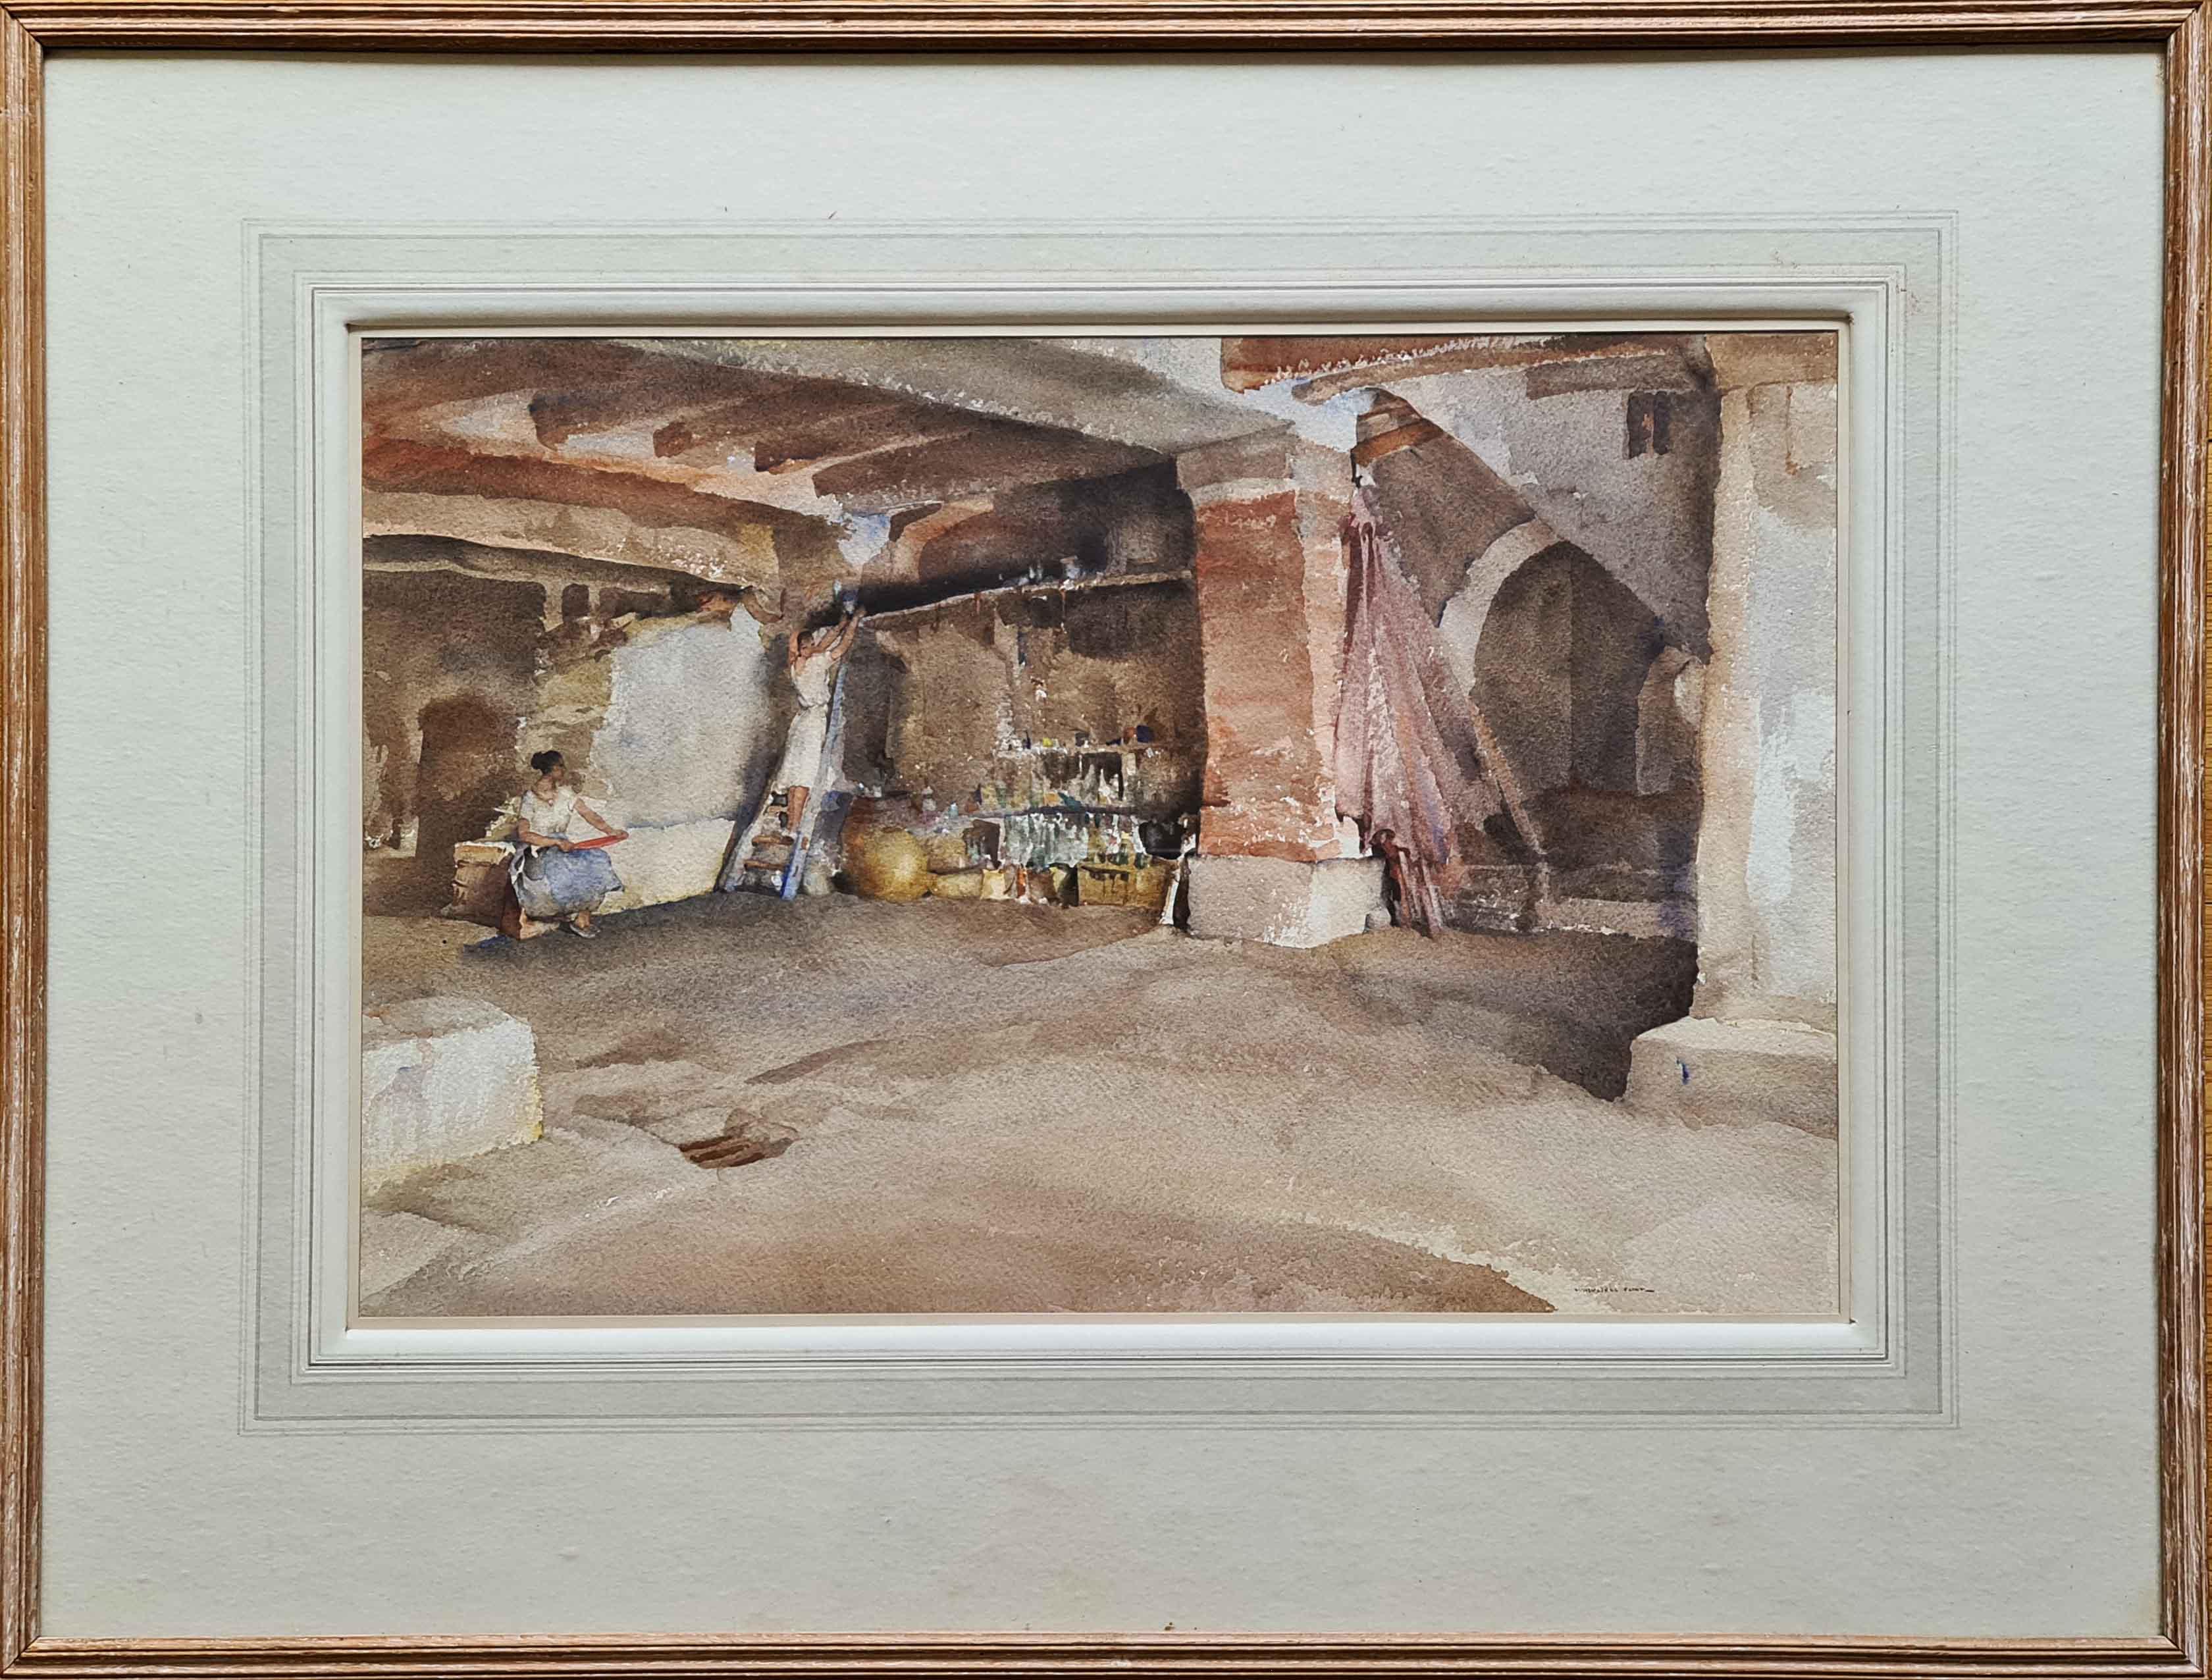 russell flint, original painting, the high shelf, France